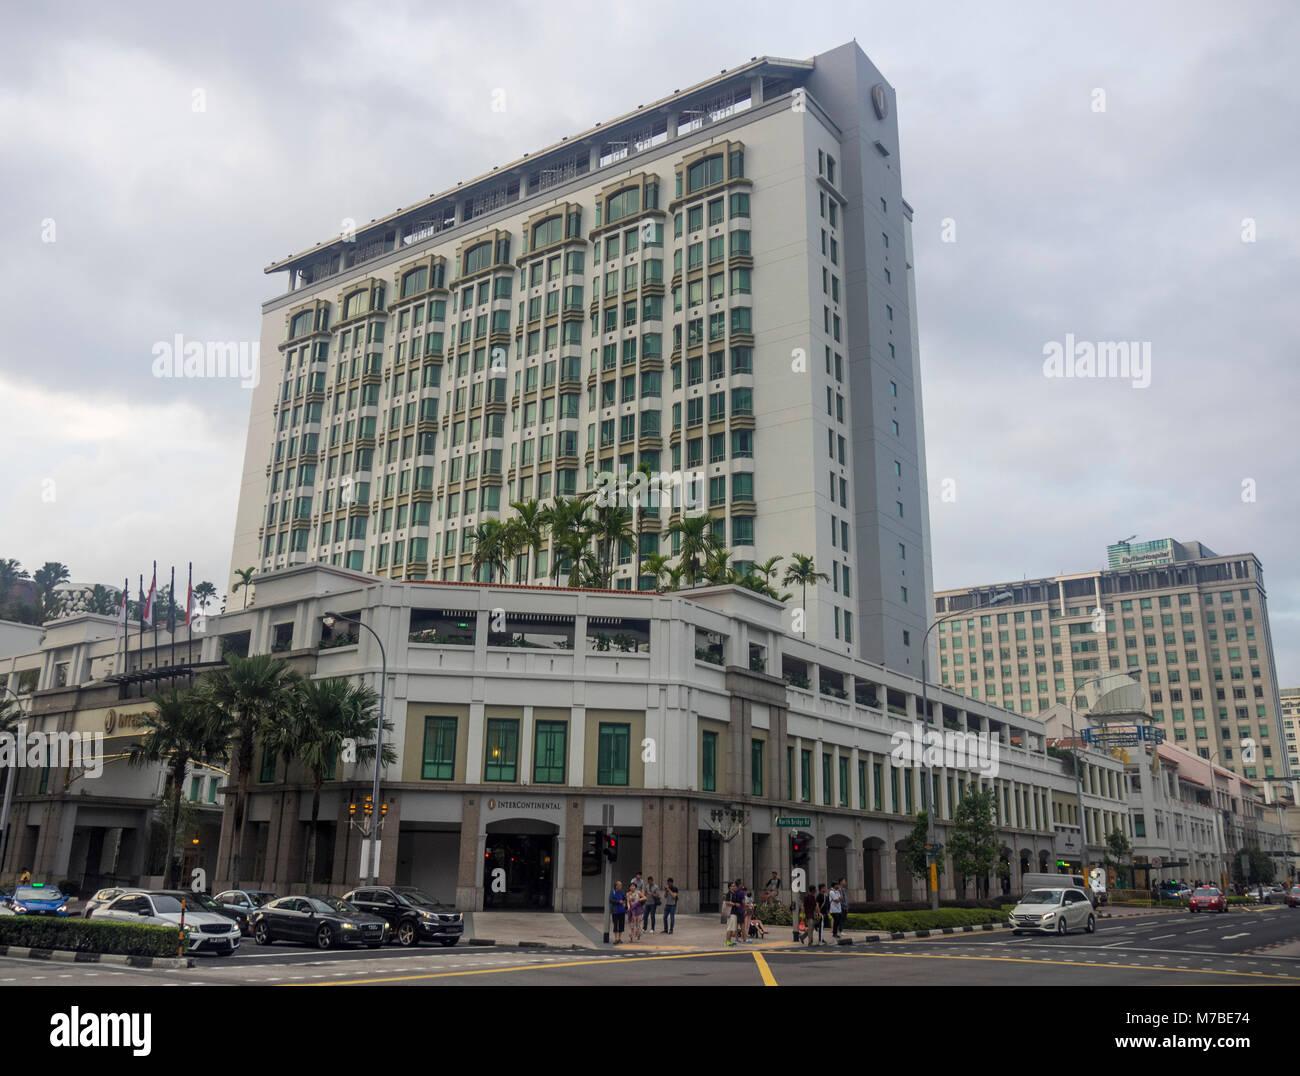 L'hôtel InterContinental situé dans le centre commercial de Bugis Junction, à Singapour. Banque D'Images